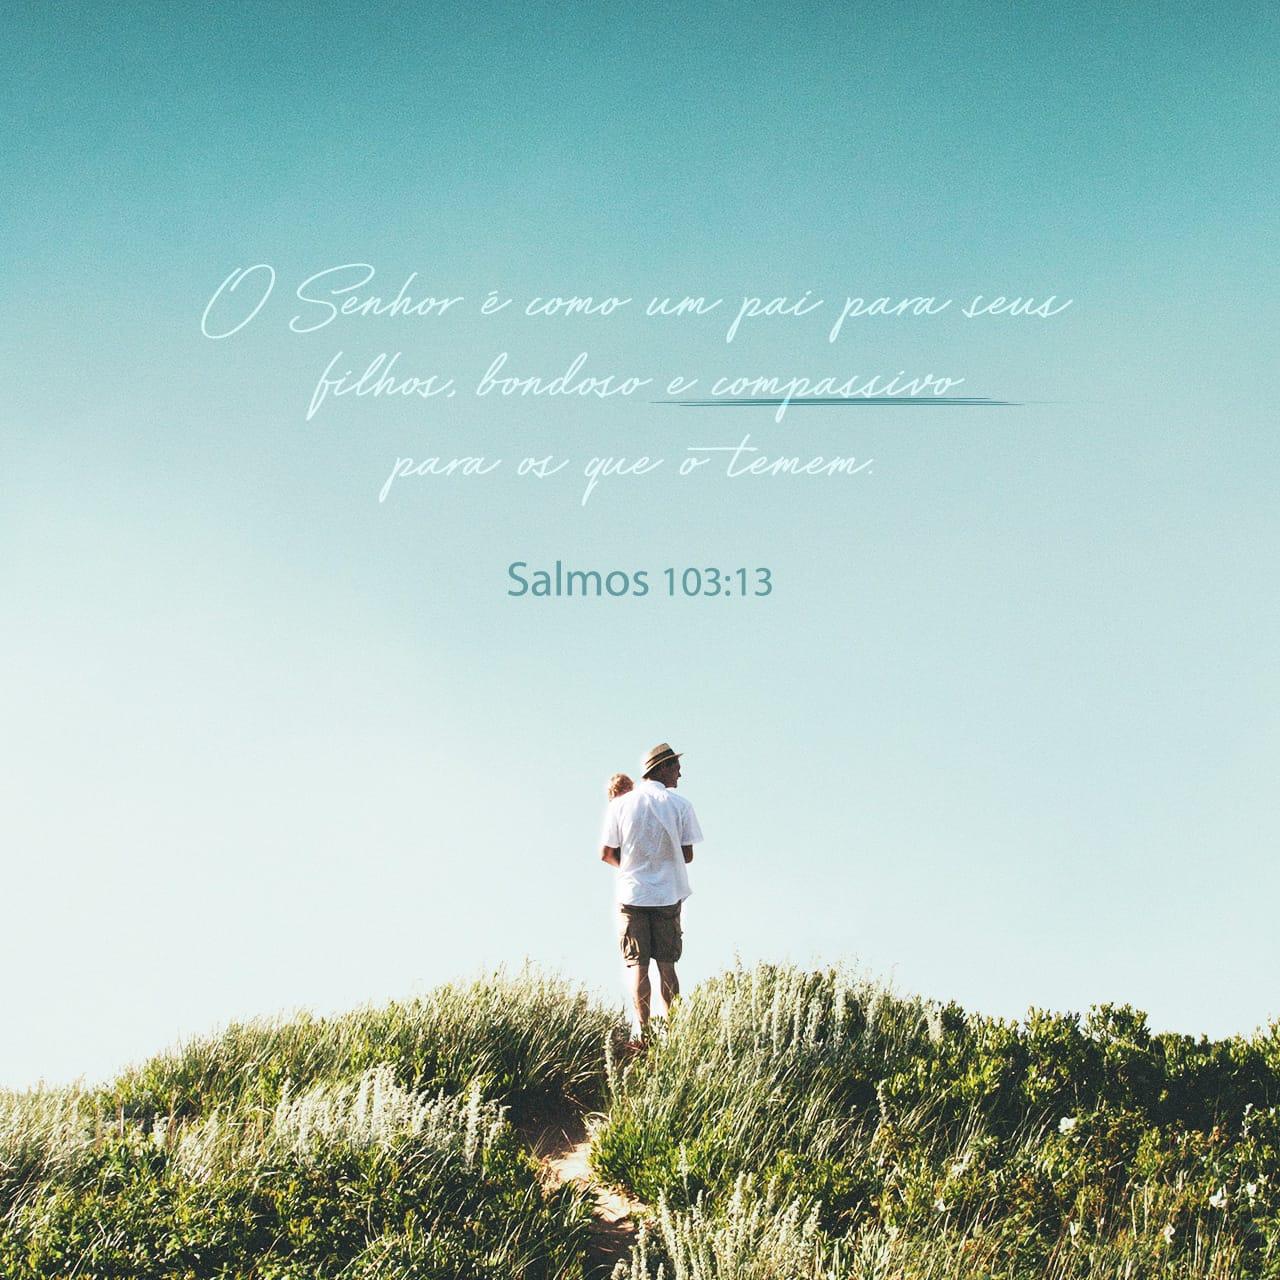 O Senhor é como um pai para seus filhos, bondoso e compassivo para os que o temem. - Salmo 103:13 - Imagem do Versículo